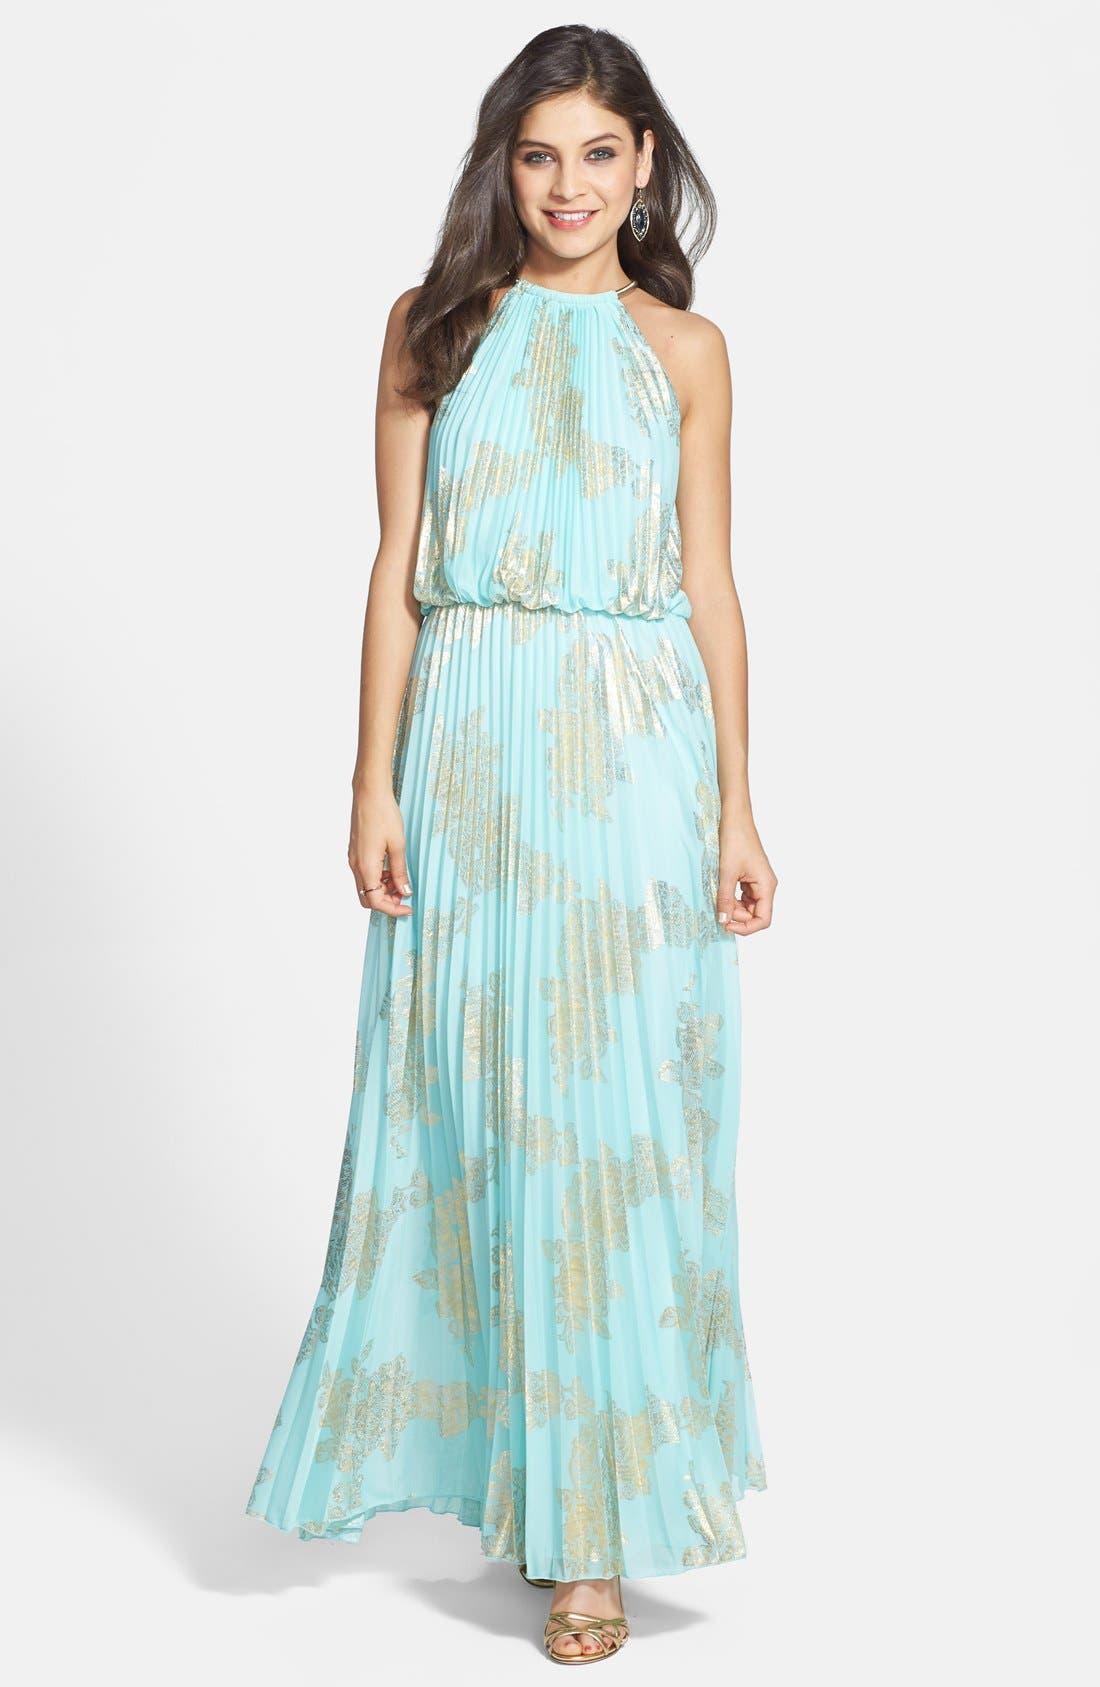 Alternate Image 1 Selected - Xscape Foiled Pleat Blouson Dress